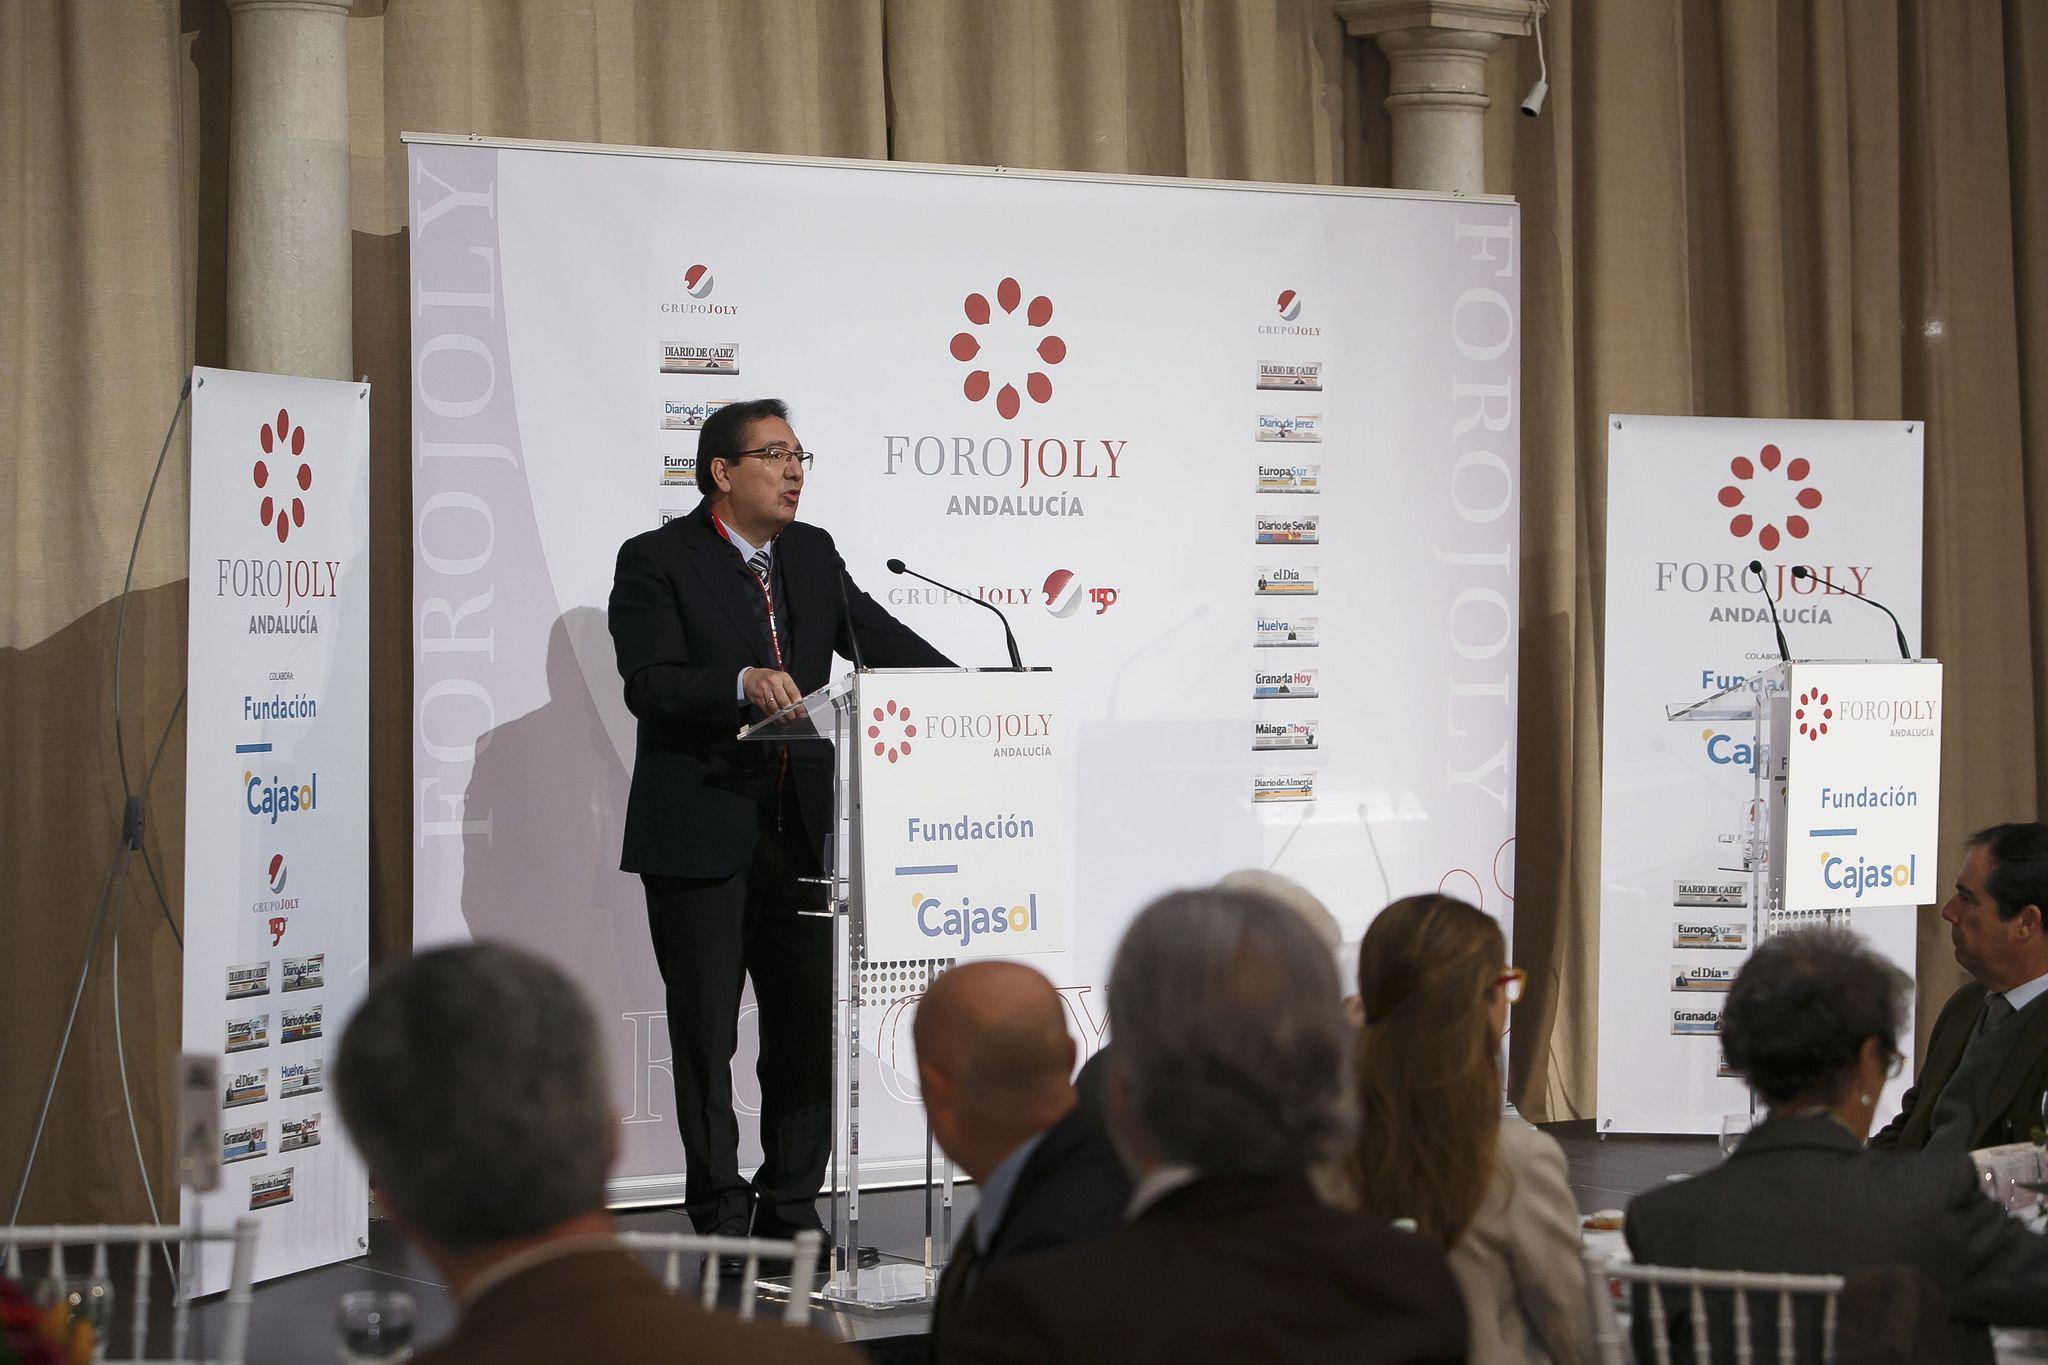 Antonio Pulido en el Foro Joly con Gregorio Marañón desde la Fundación Cajasol